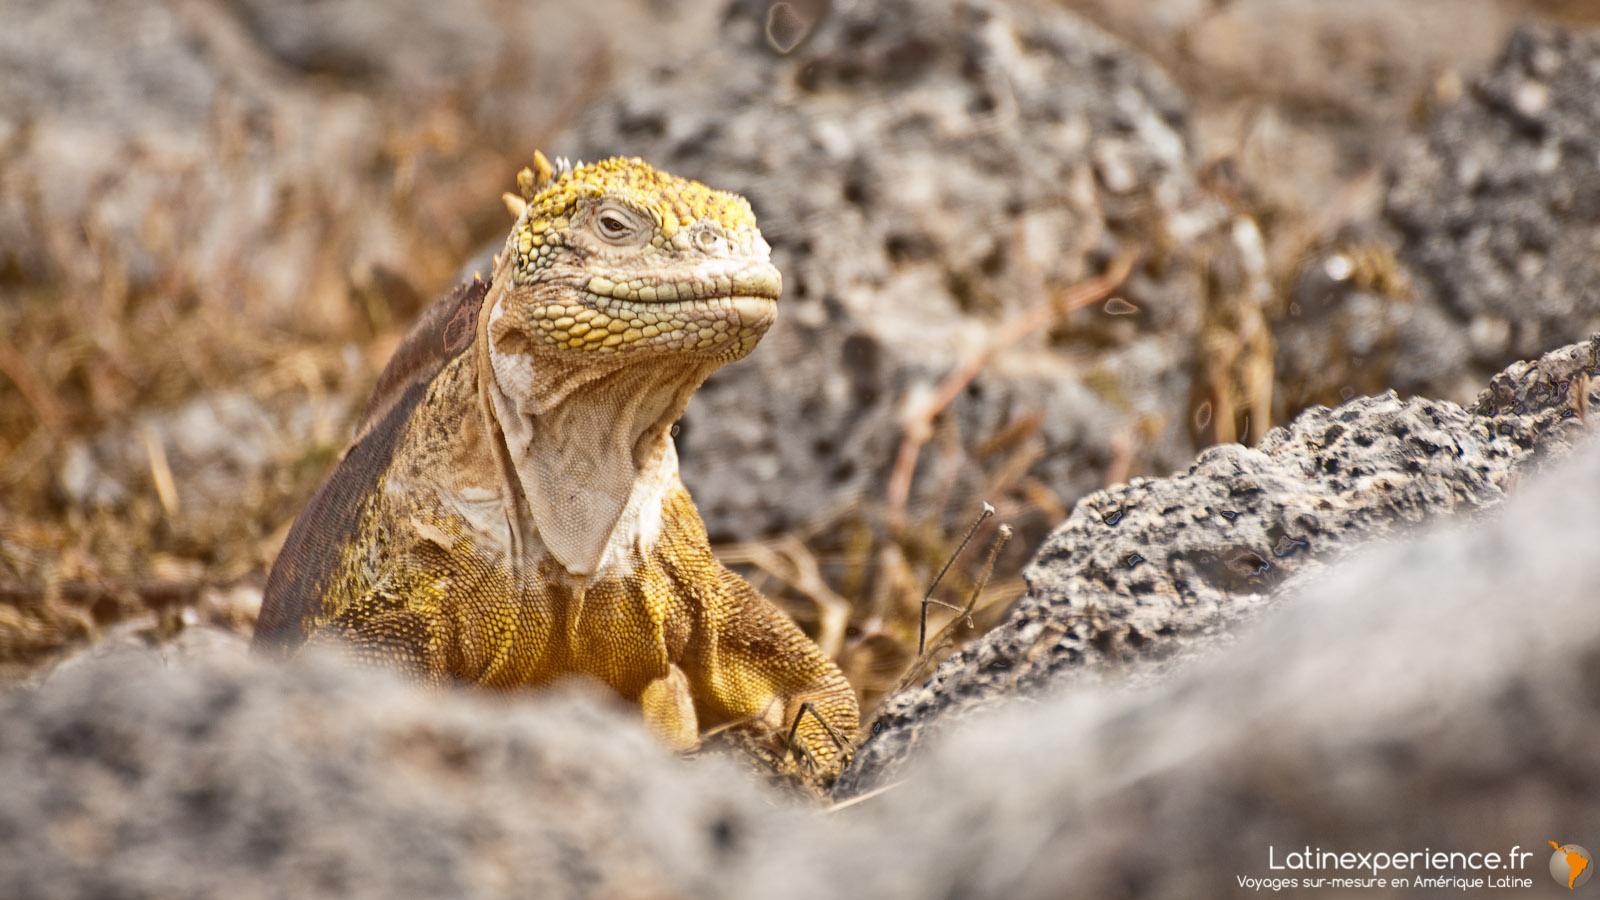 Galapagos - Iguane terrestre - Latinexperience voyages